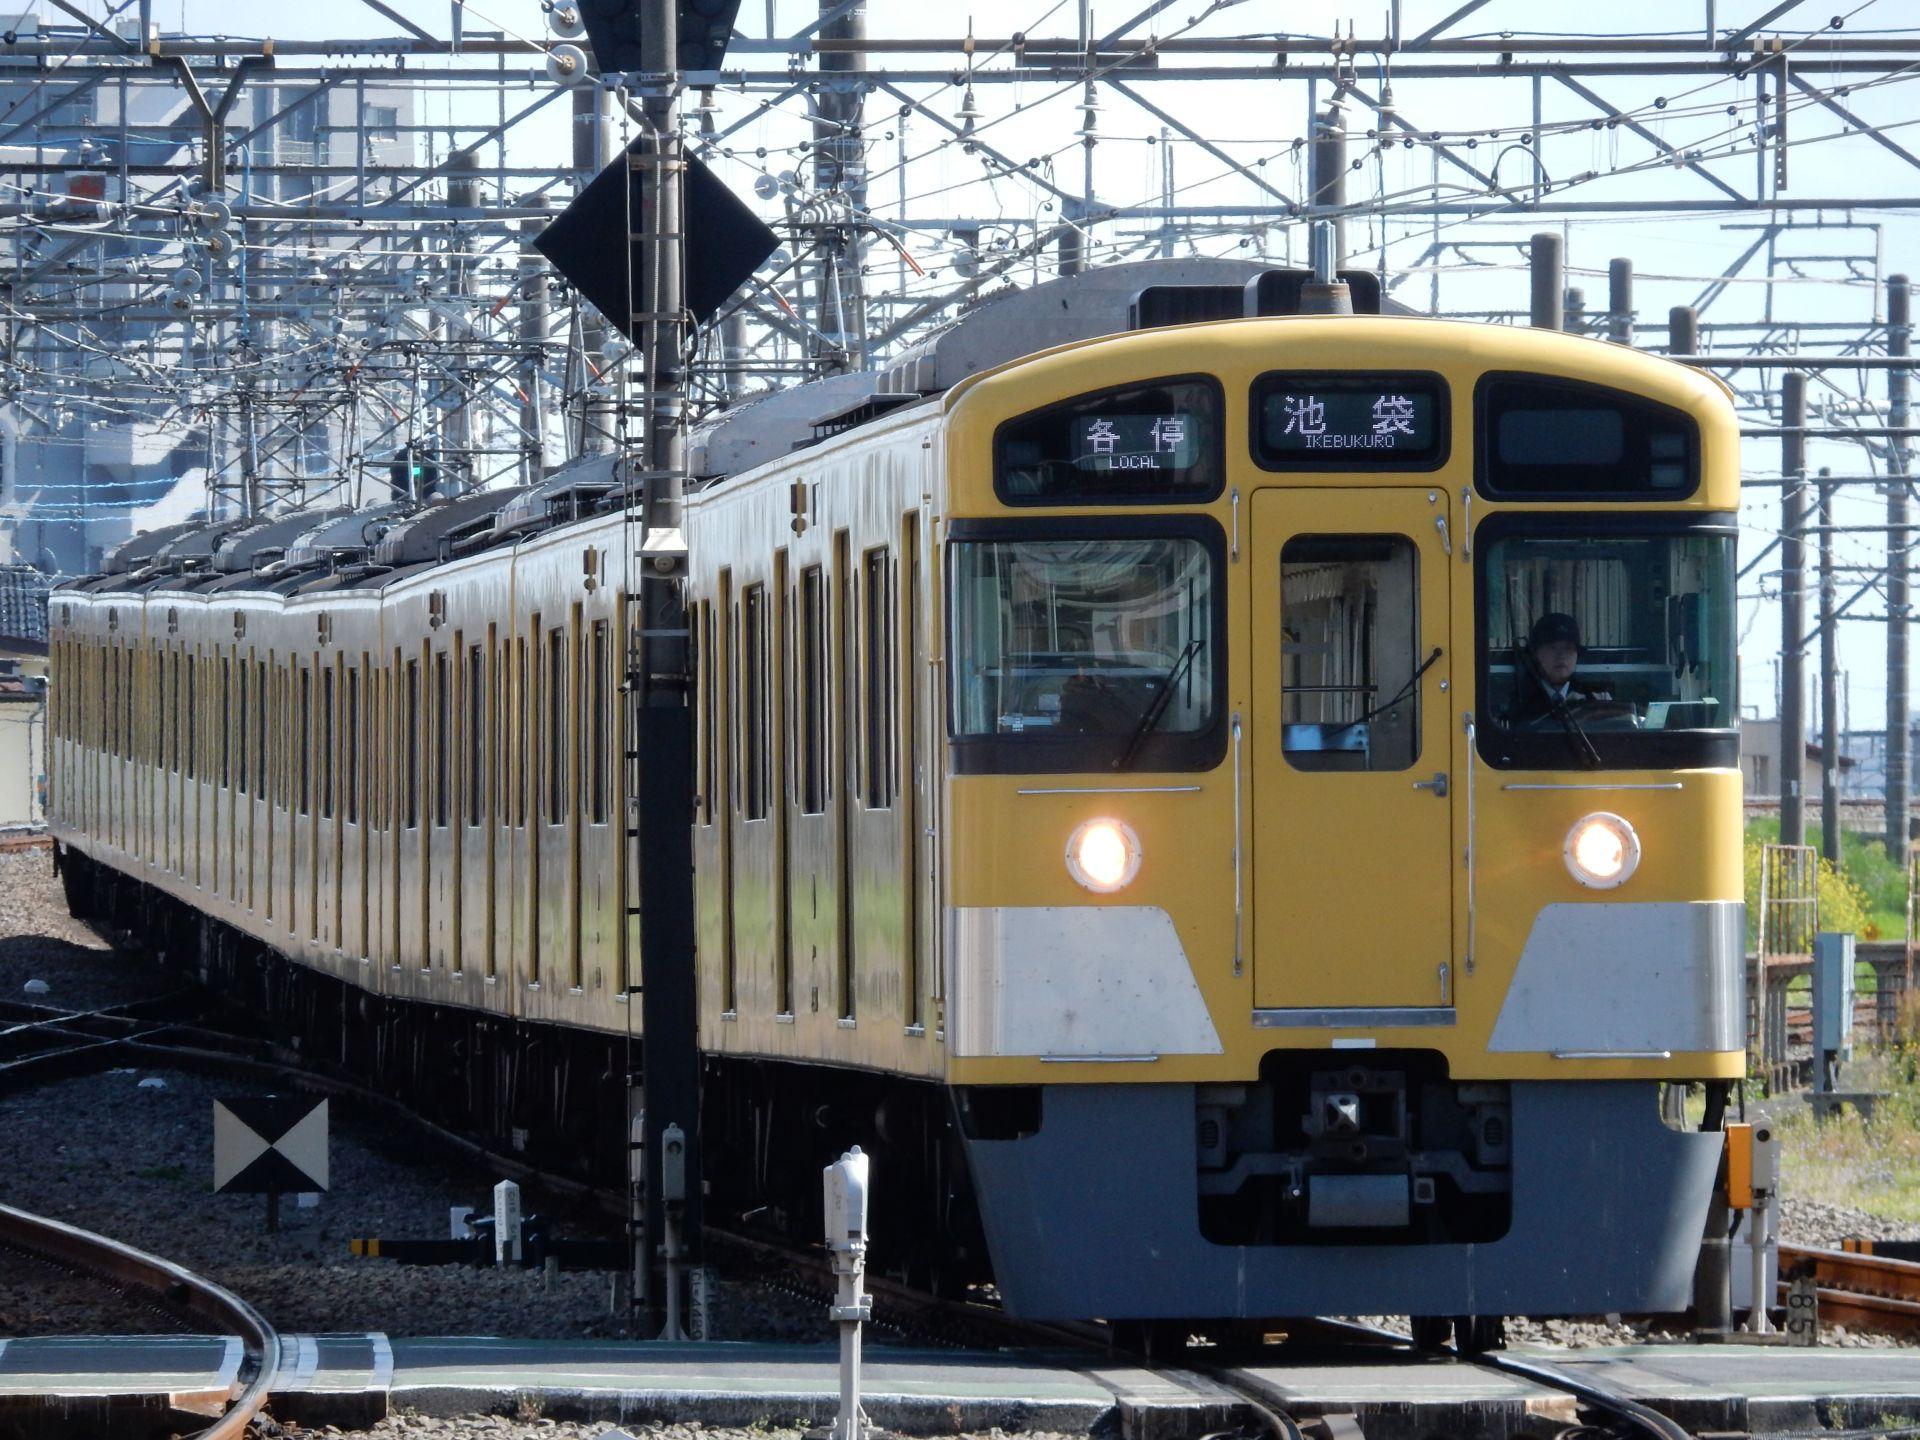 DSCN7763 - コピー